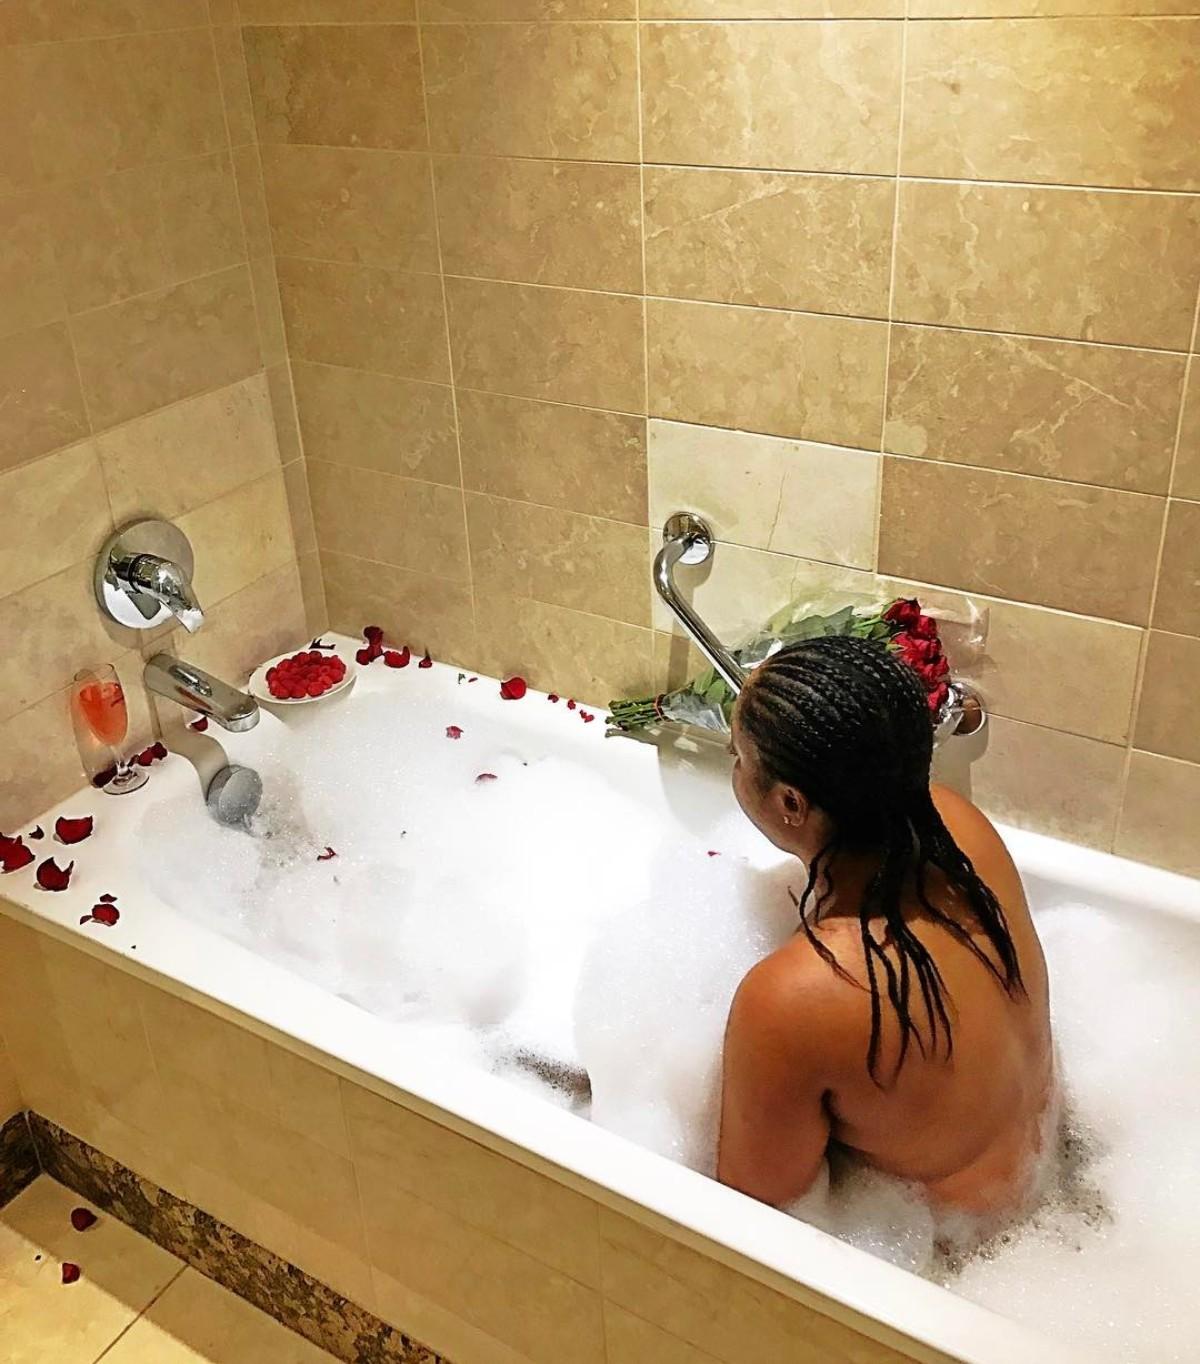 Moesha Boduong Nude In Bathtub